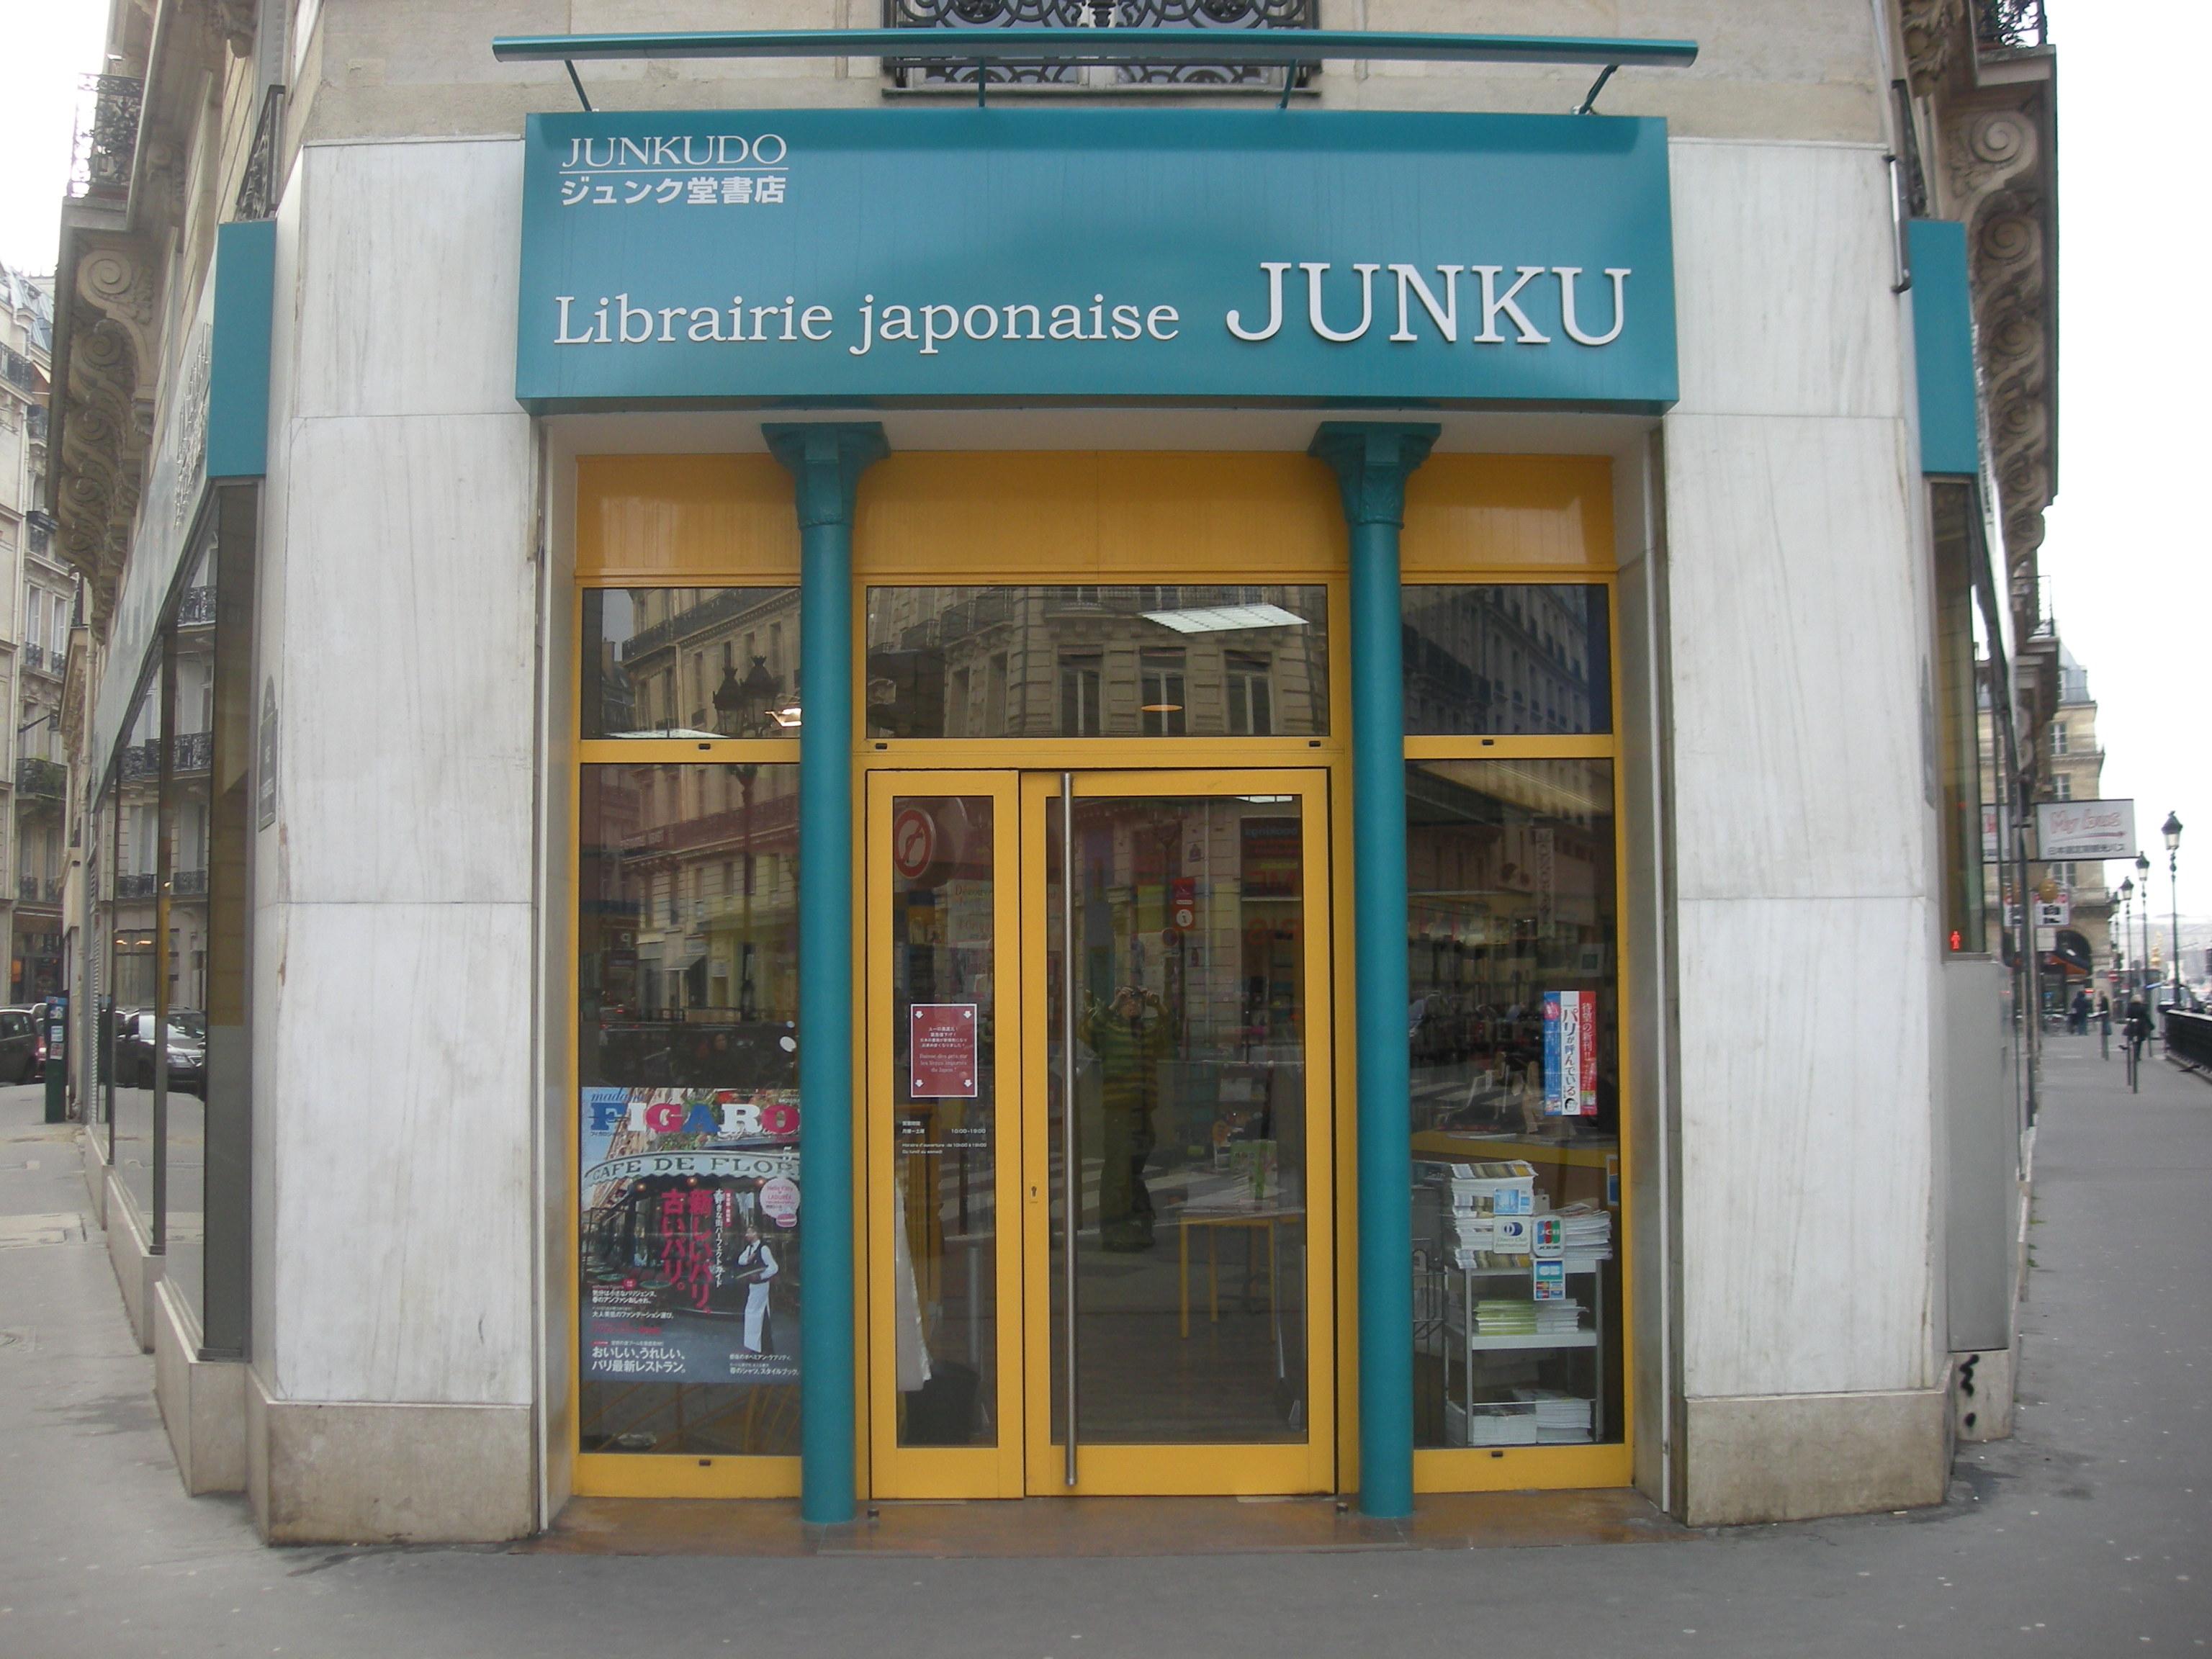 Junku